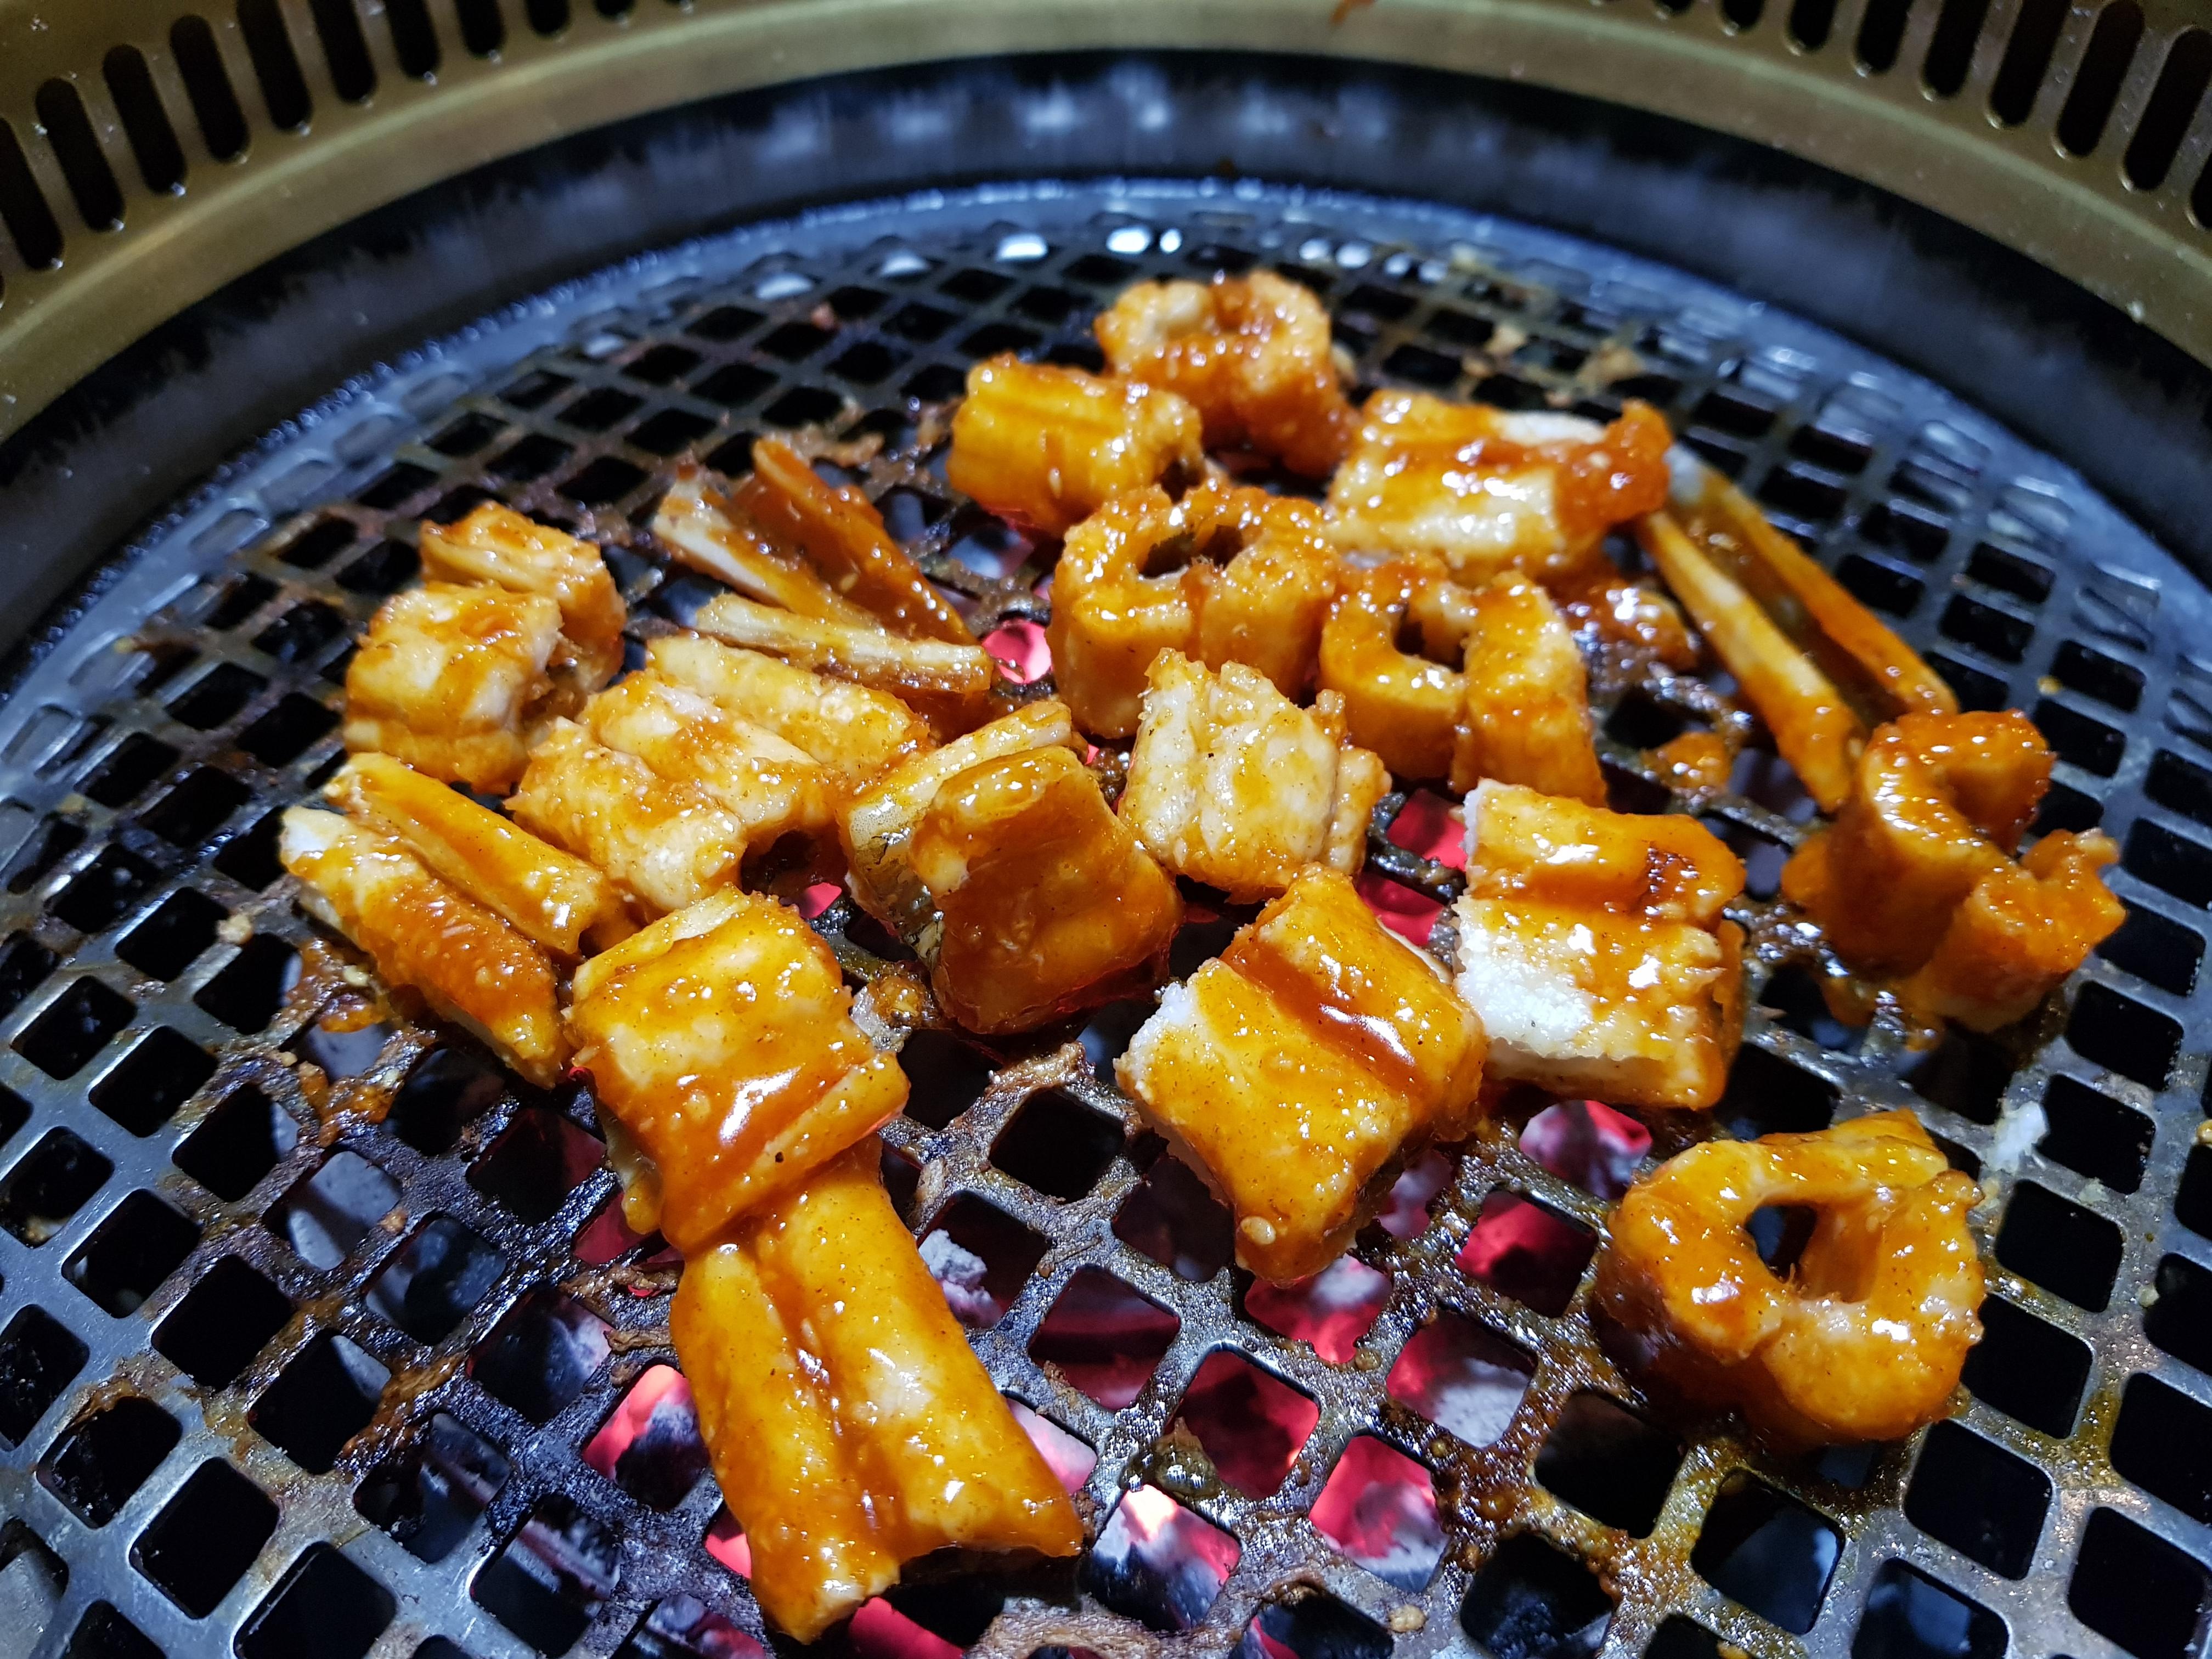 うなぎBBQ!?韓国焼肉専門店「Bukang」11周年記念プロモーション中!